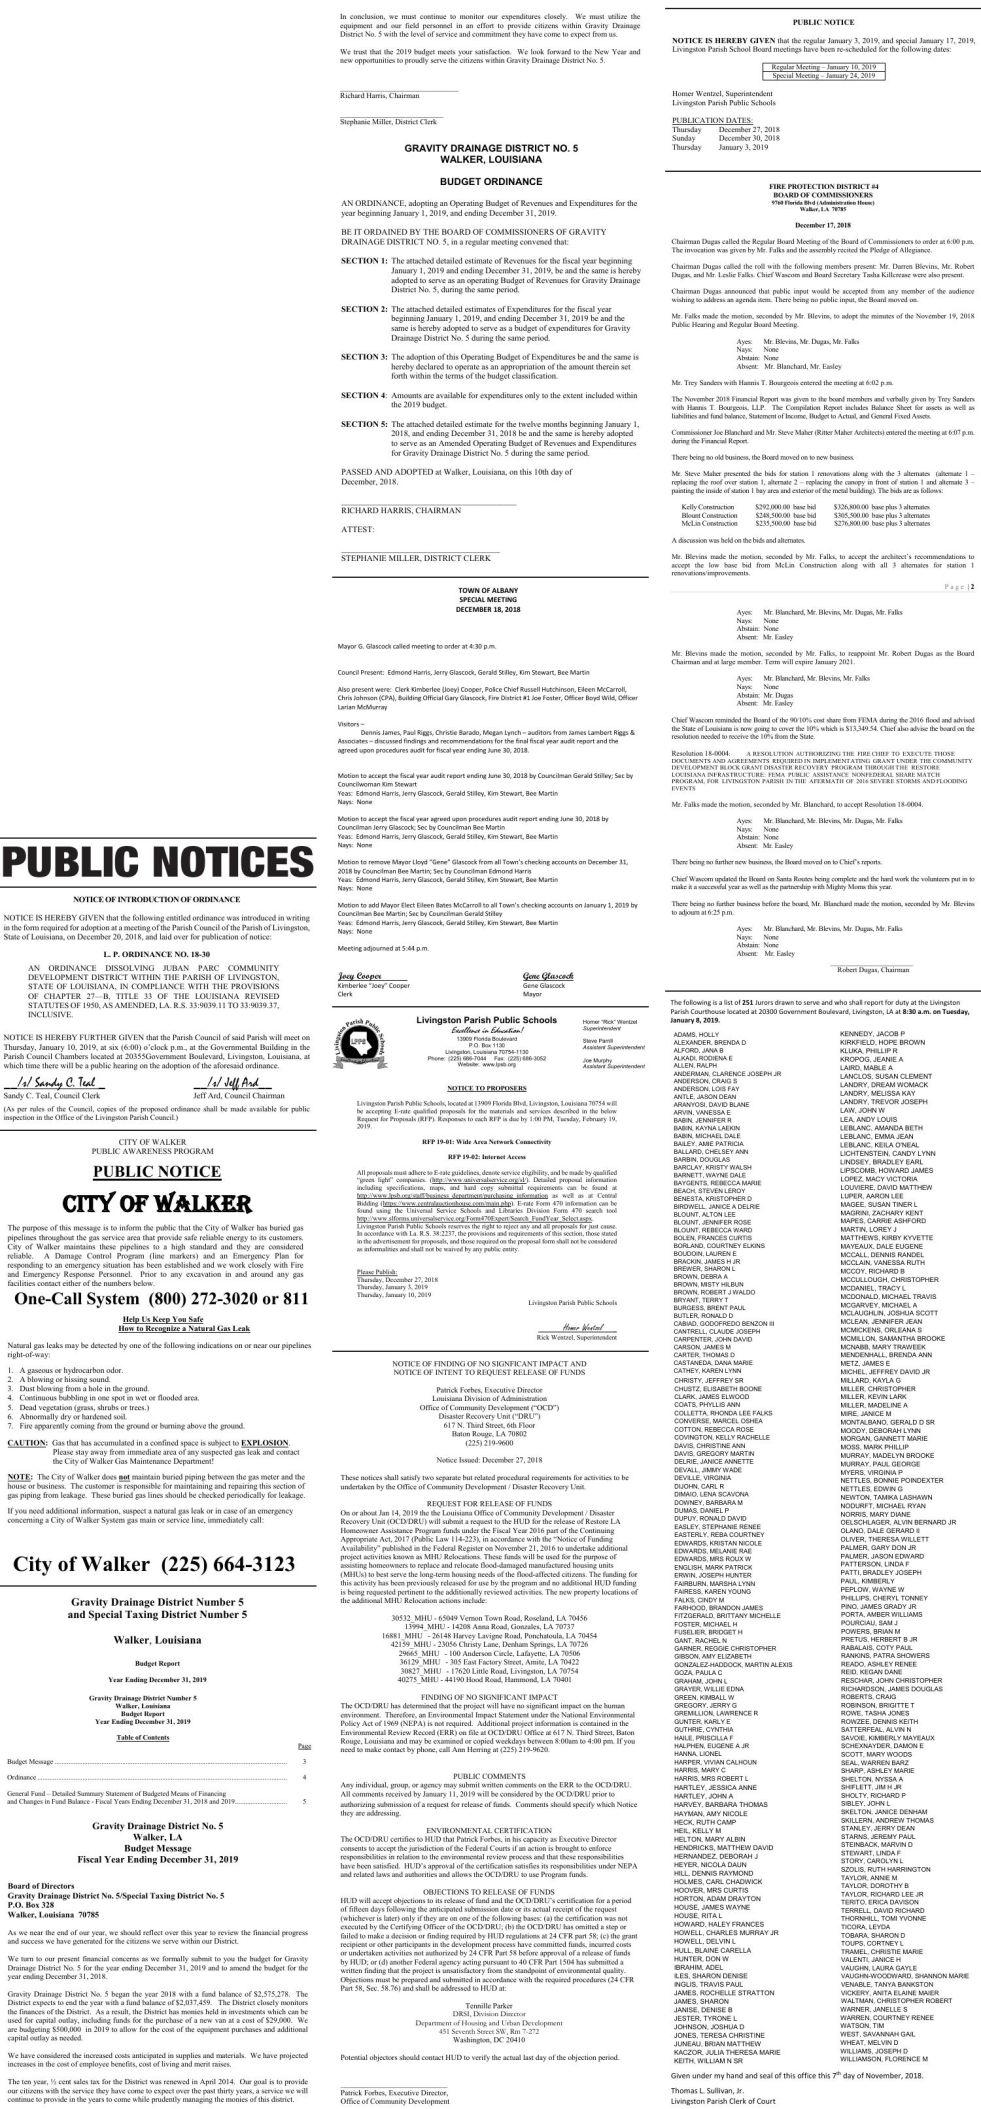 Public Notices published December 27, 2018